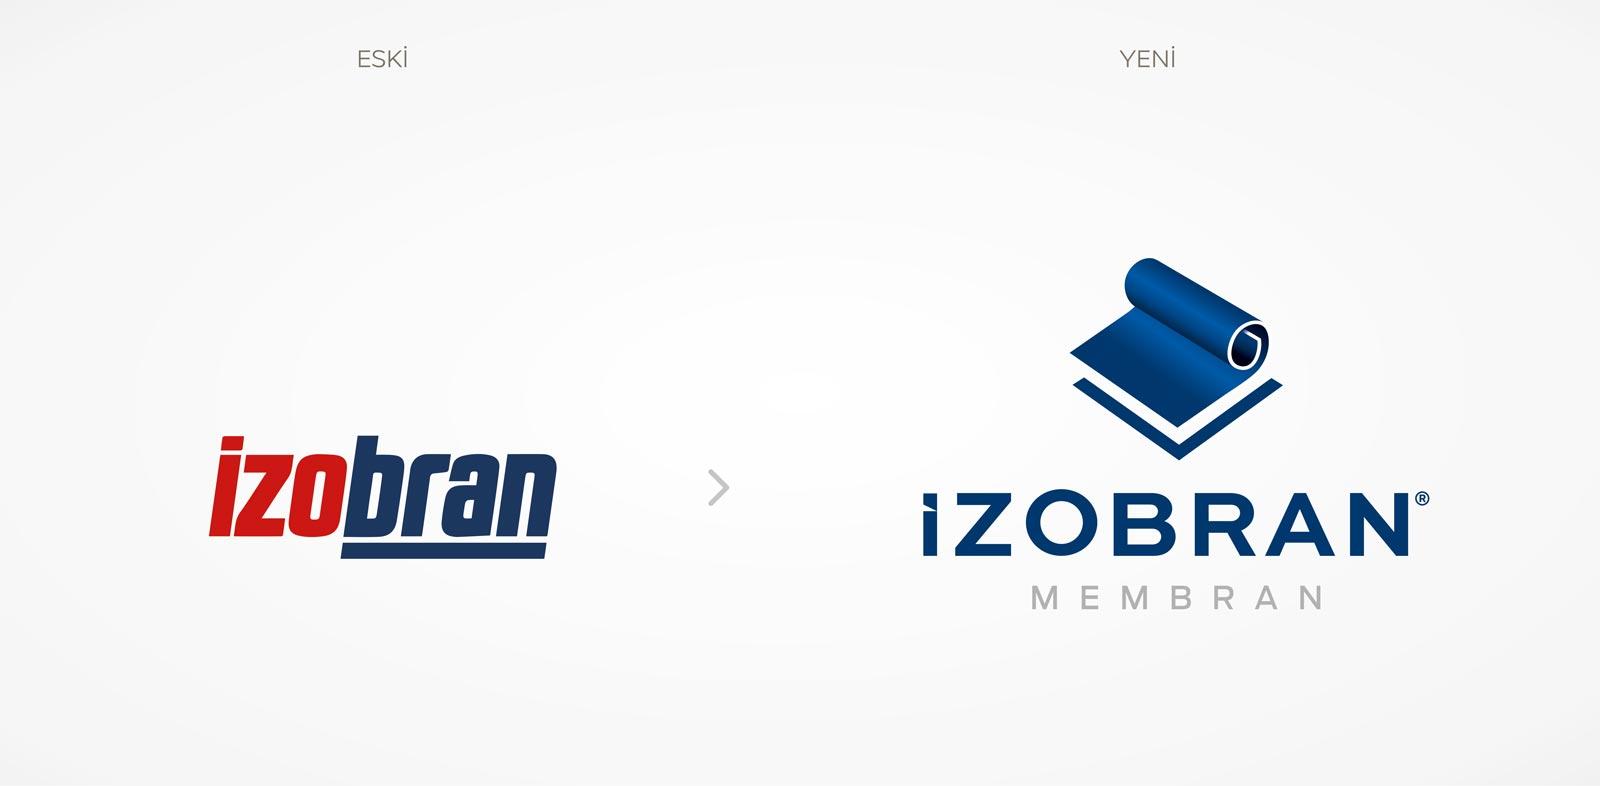 izobran logo revizyon